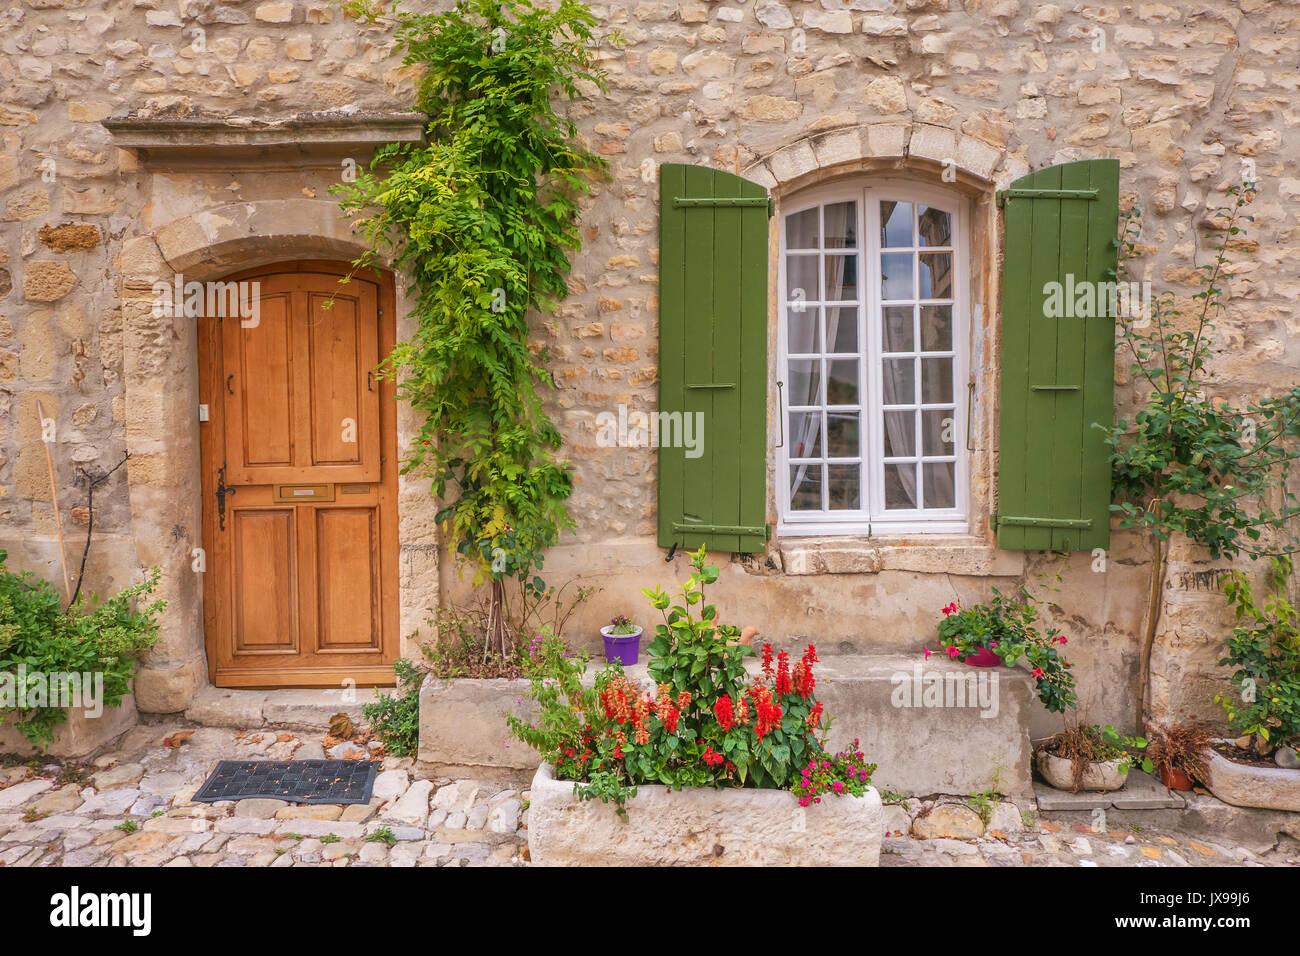 Street view de vieille maison en pierre en fa ade avec une for Vieille maison en pierre